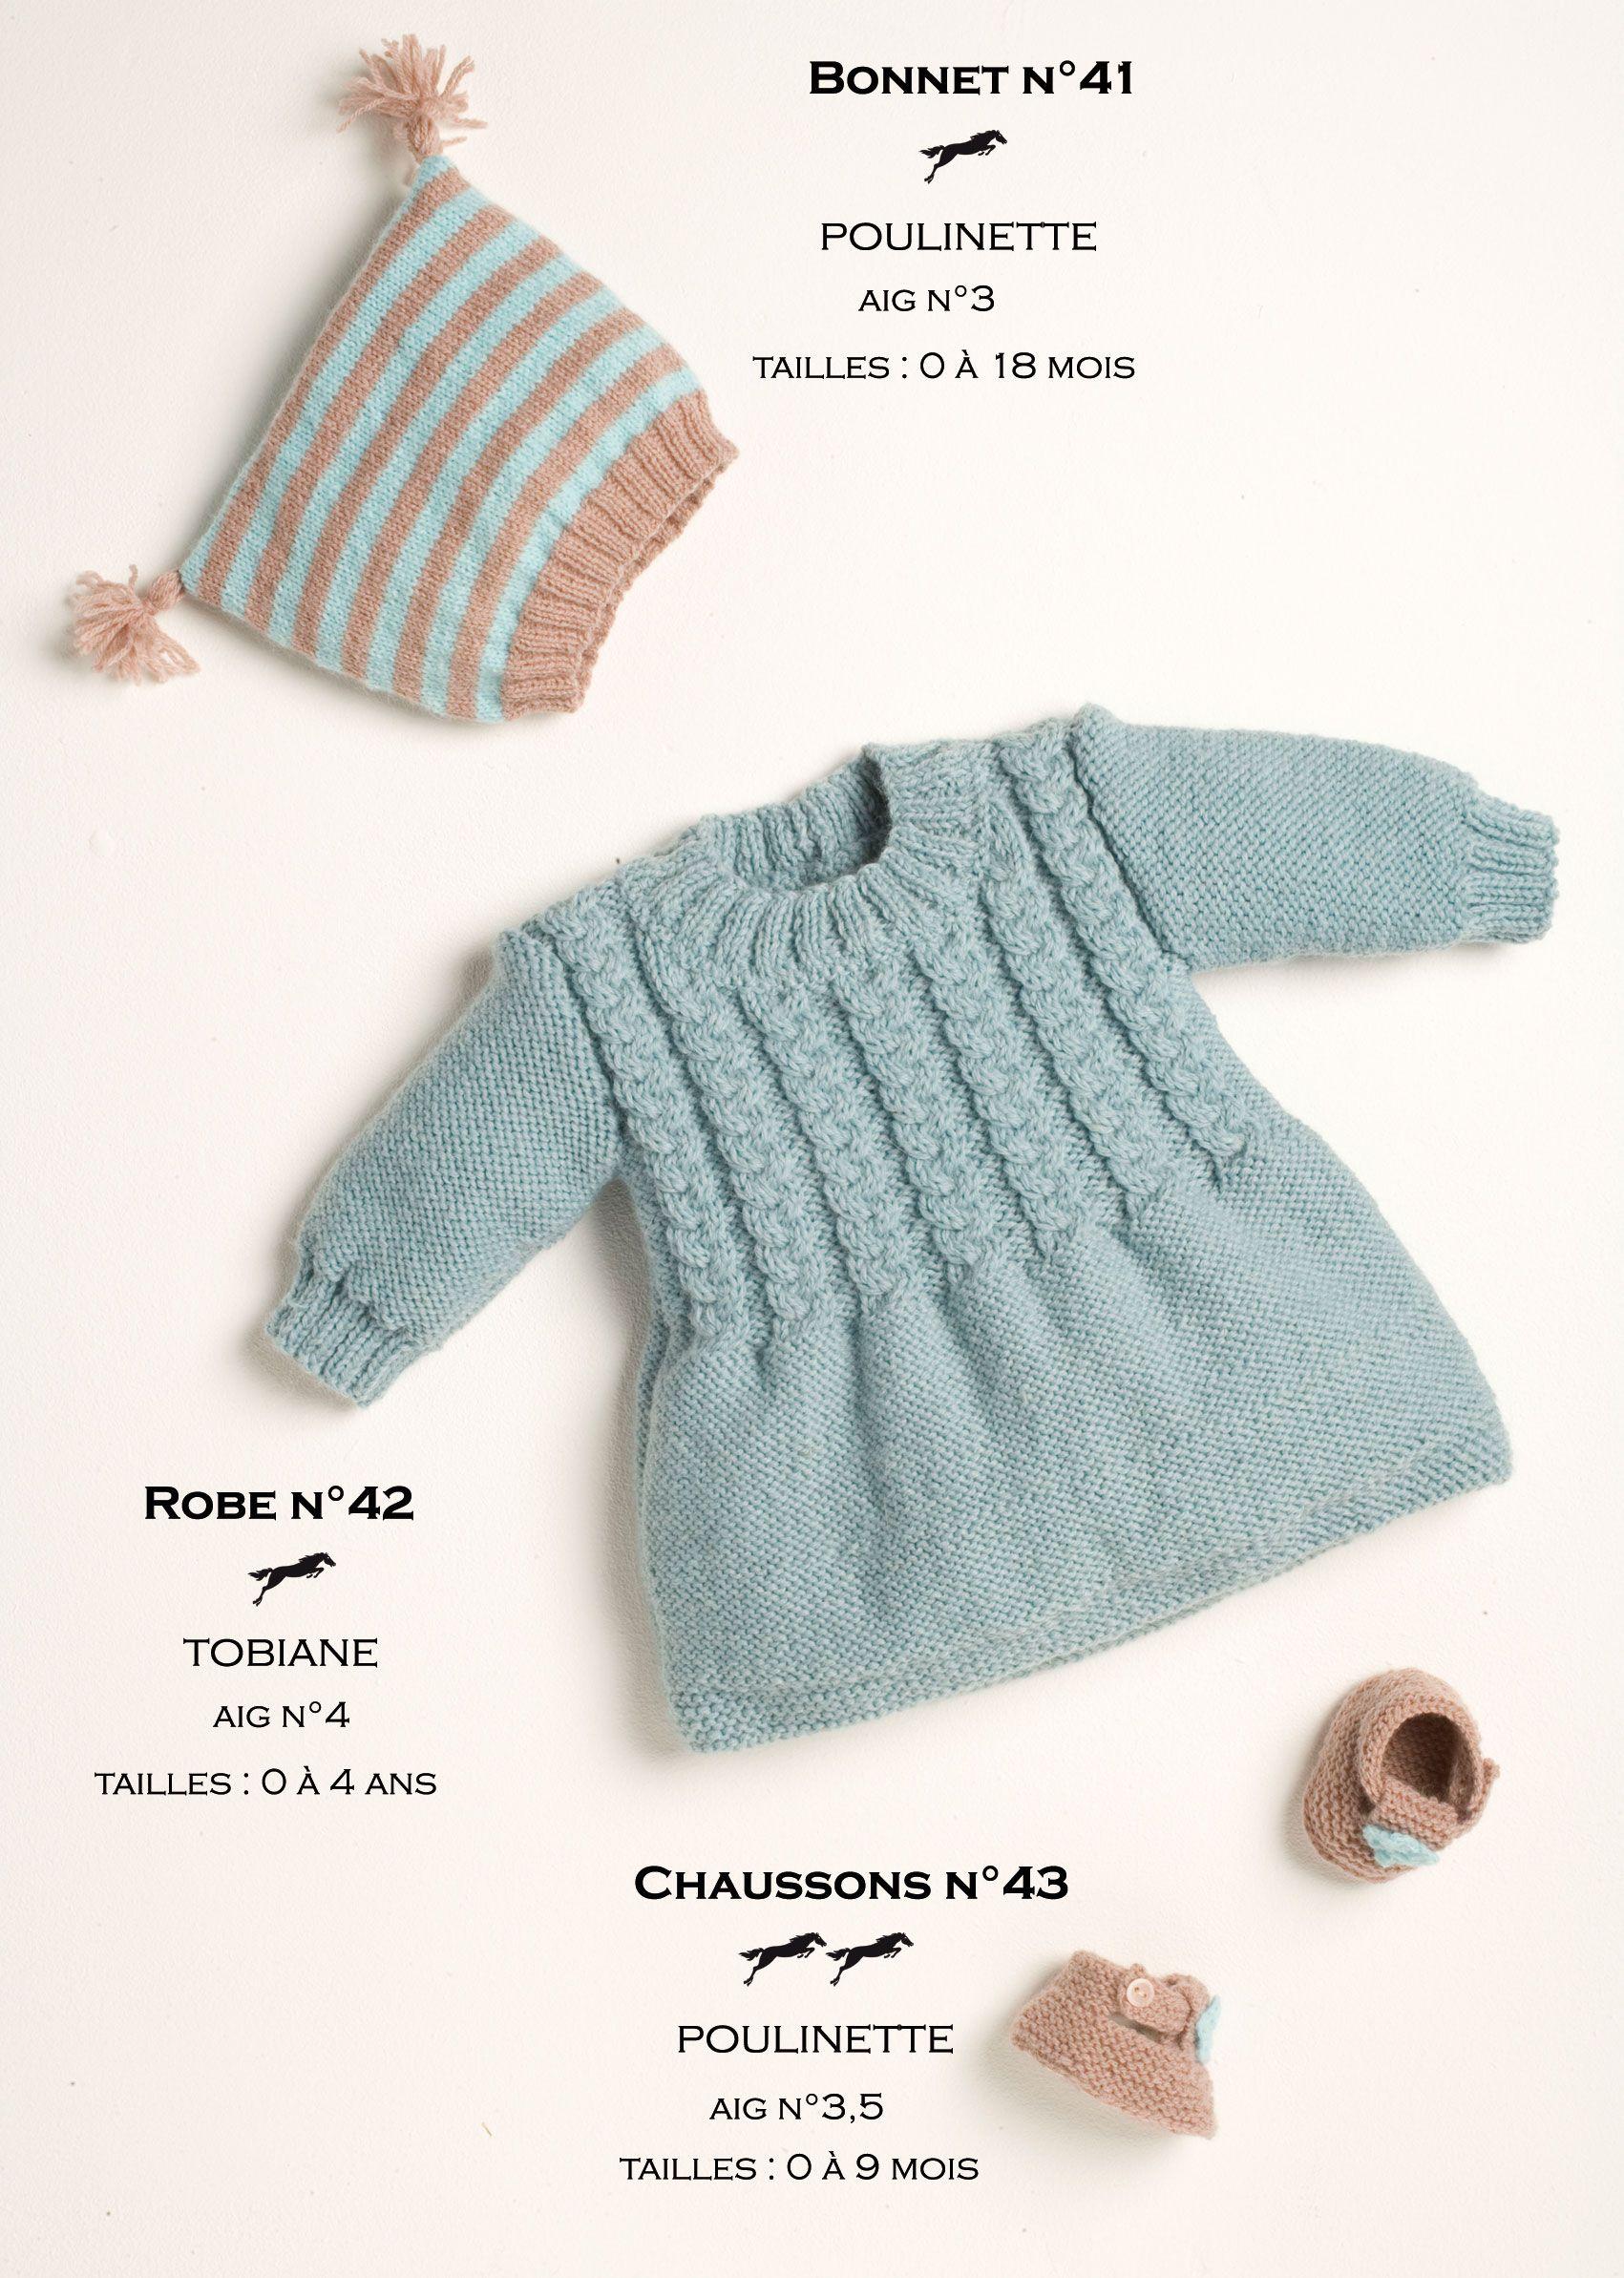 Pin von Nandita Bharadwaj auf knitting | Pinterest | Häkeln für baby ...